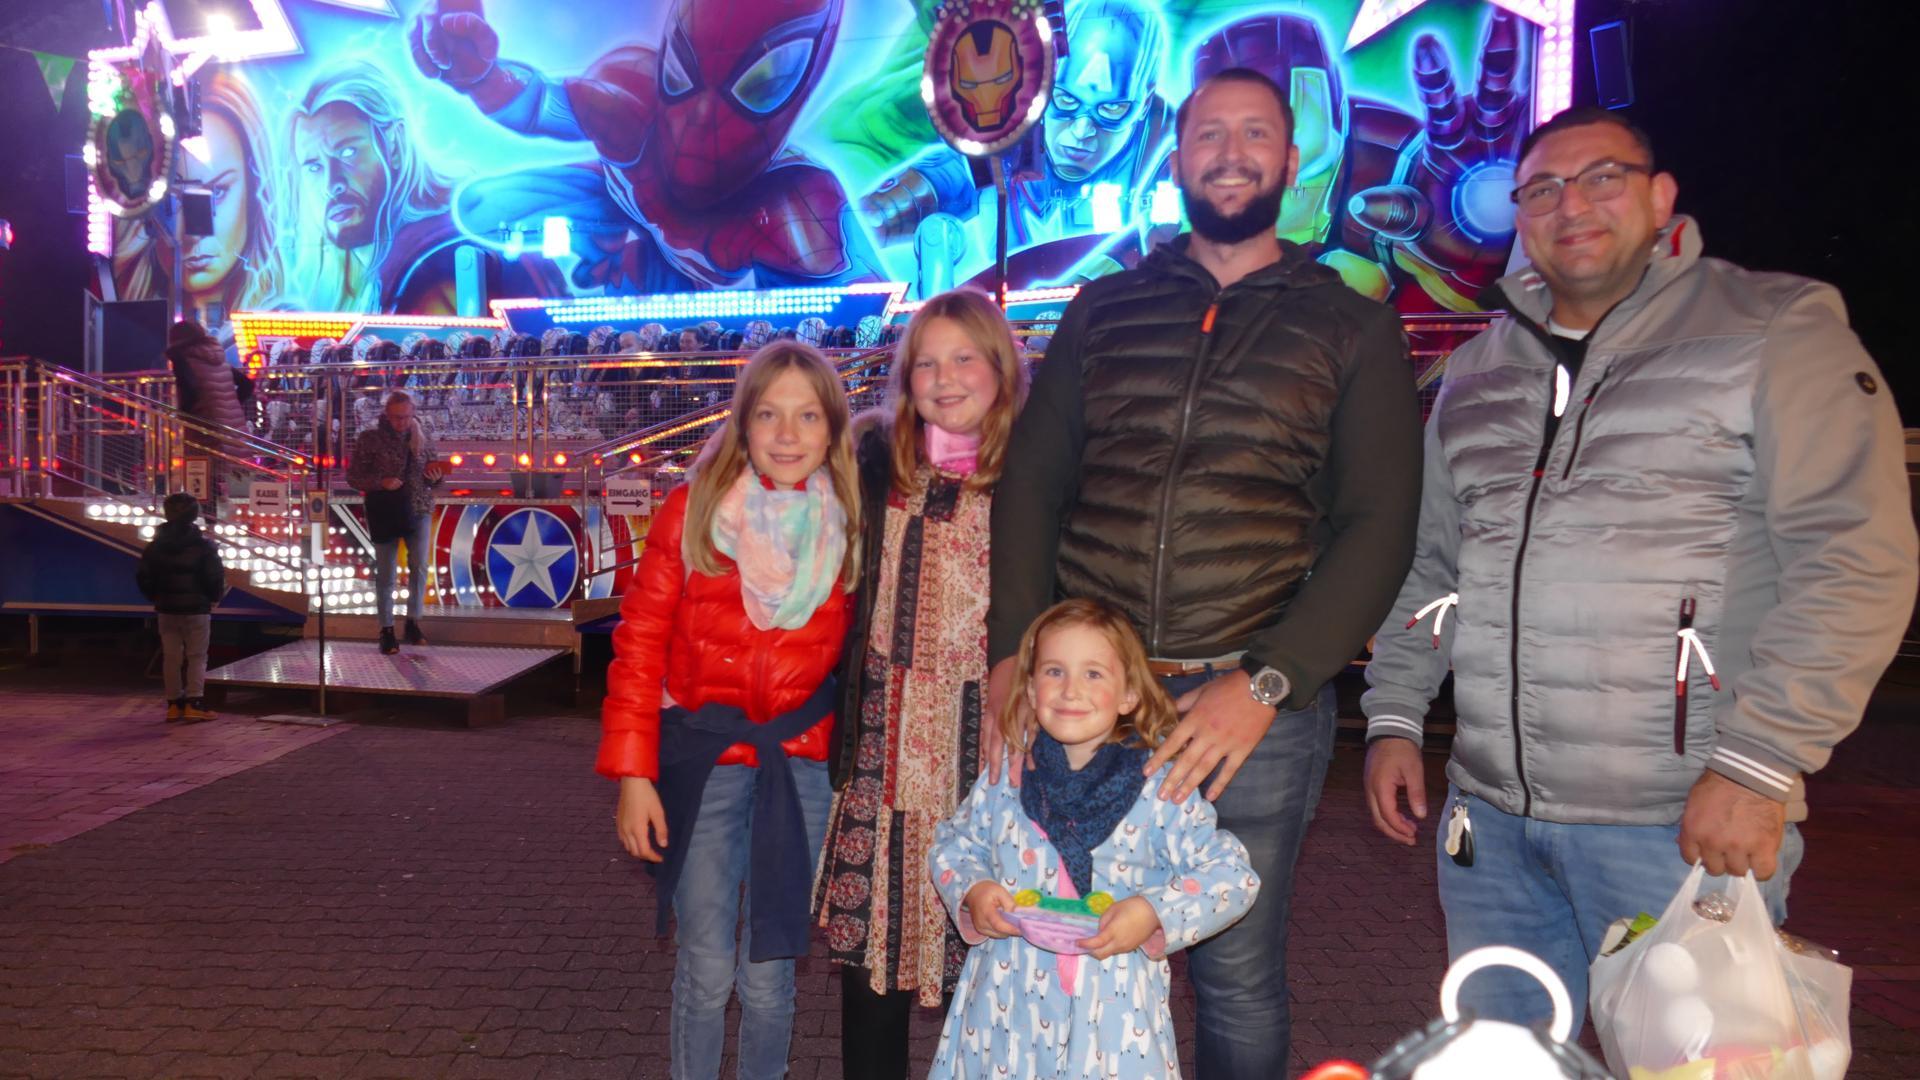 Familien nutzten die Gelegenheit, gemeinsam mal wieder was zu unternehmen